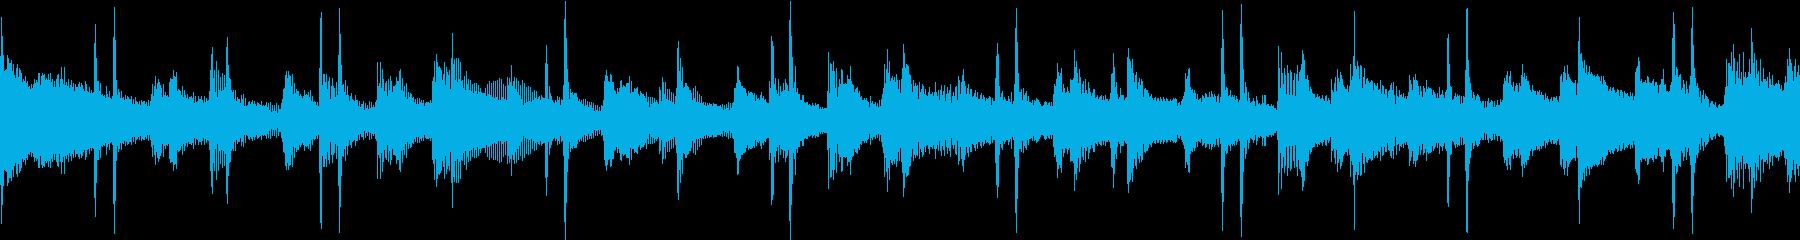 アコースティックギターを駆使したイ...の再生済みの波形